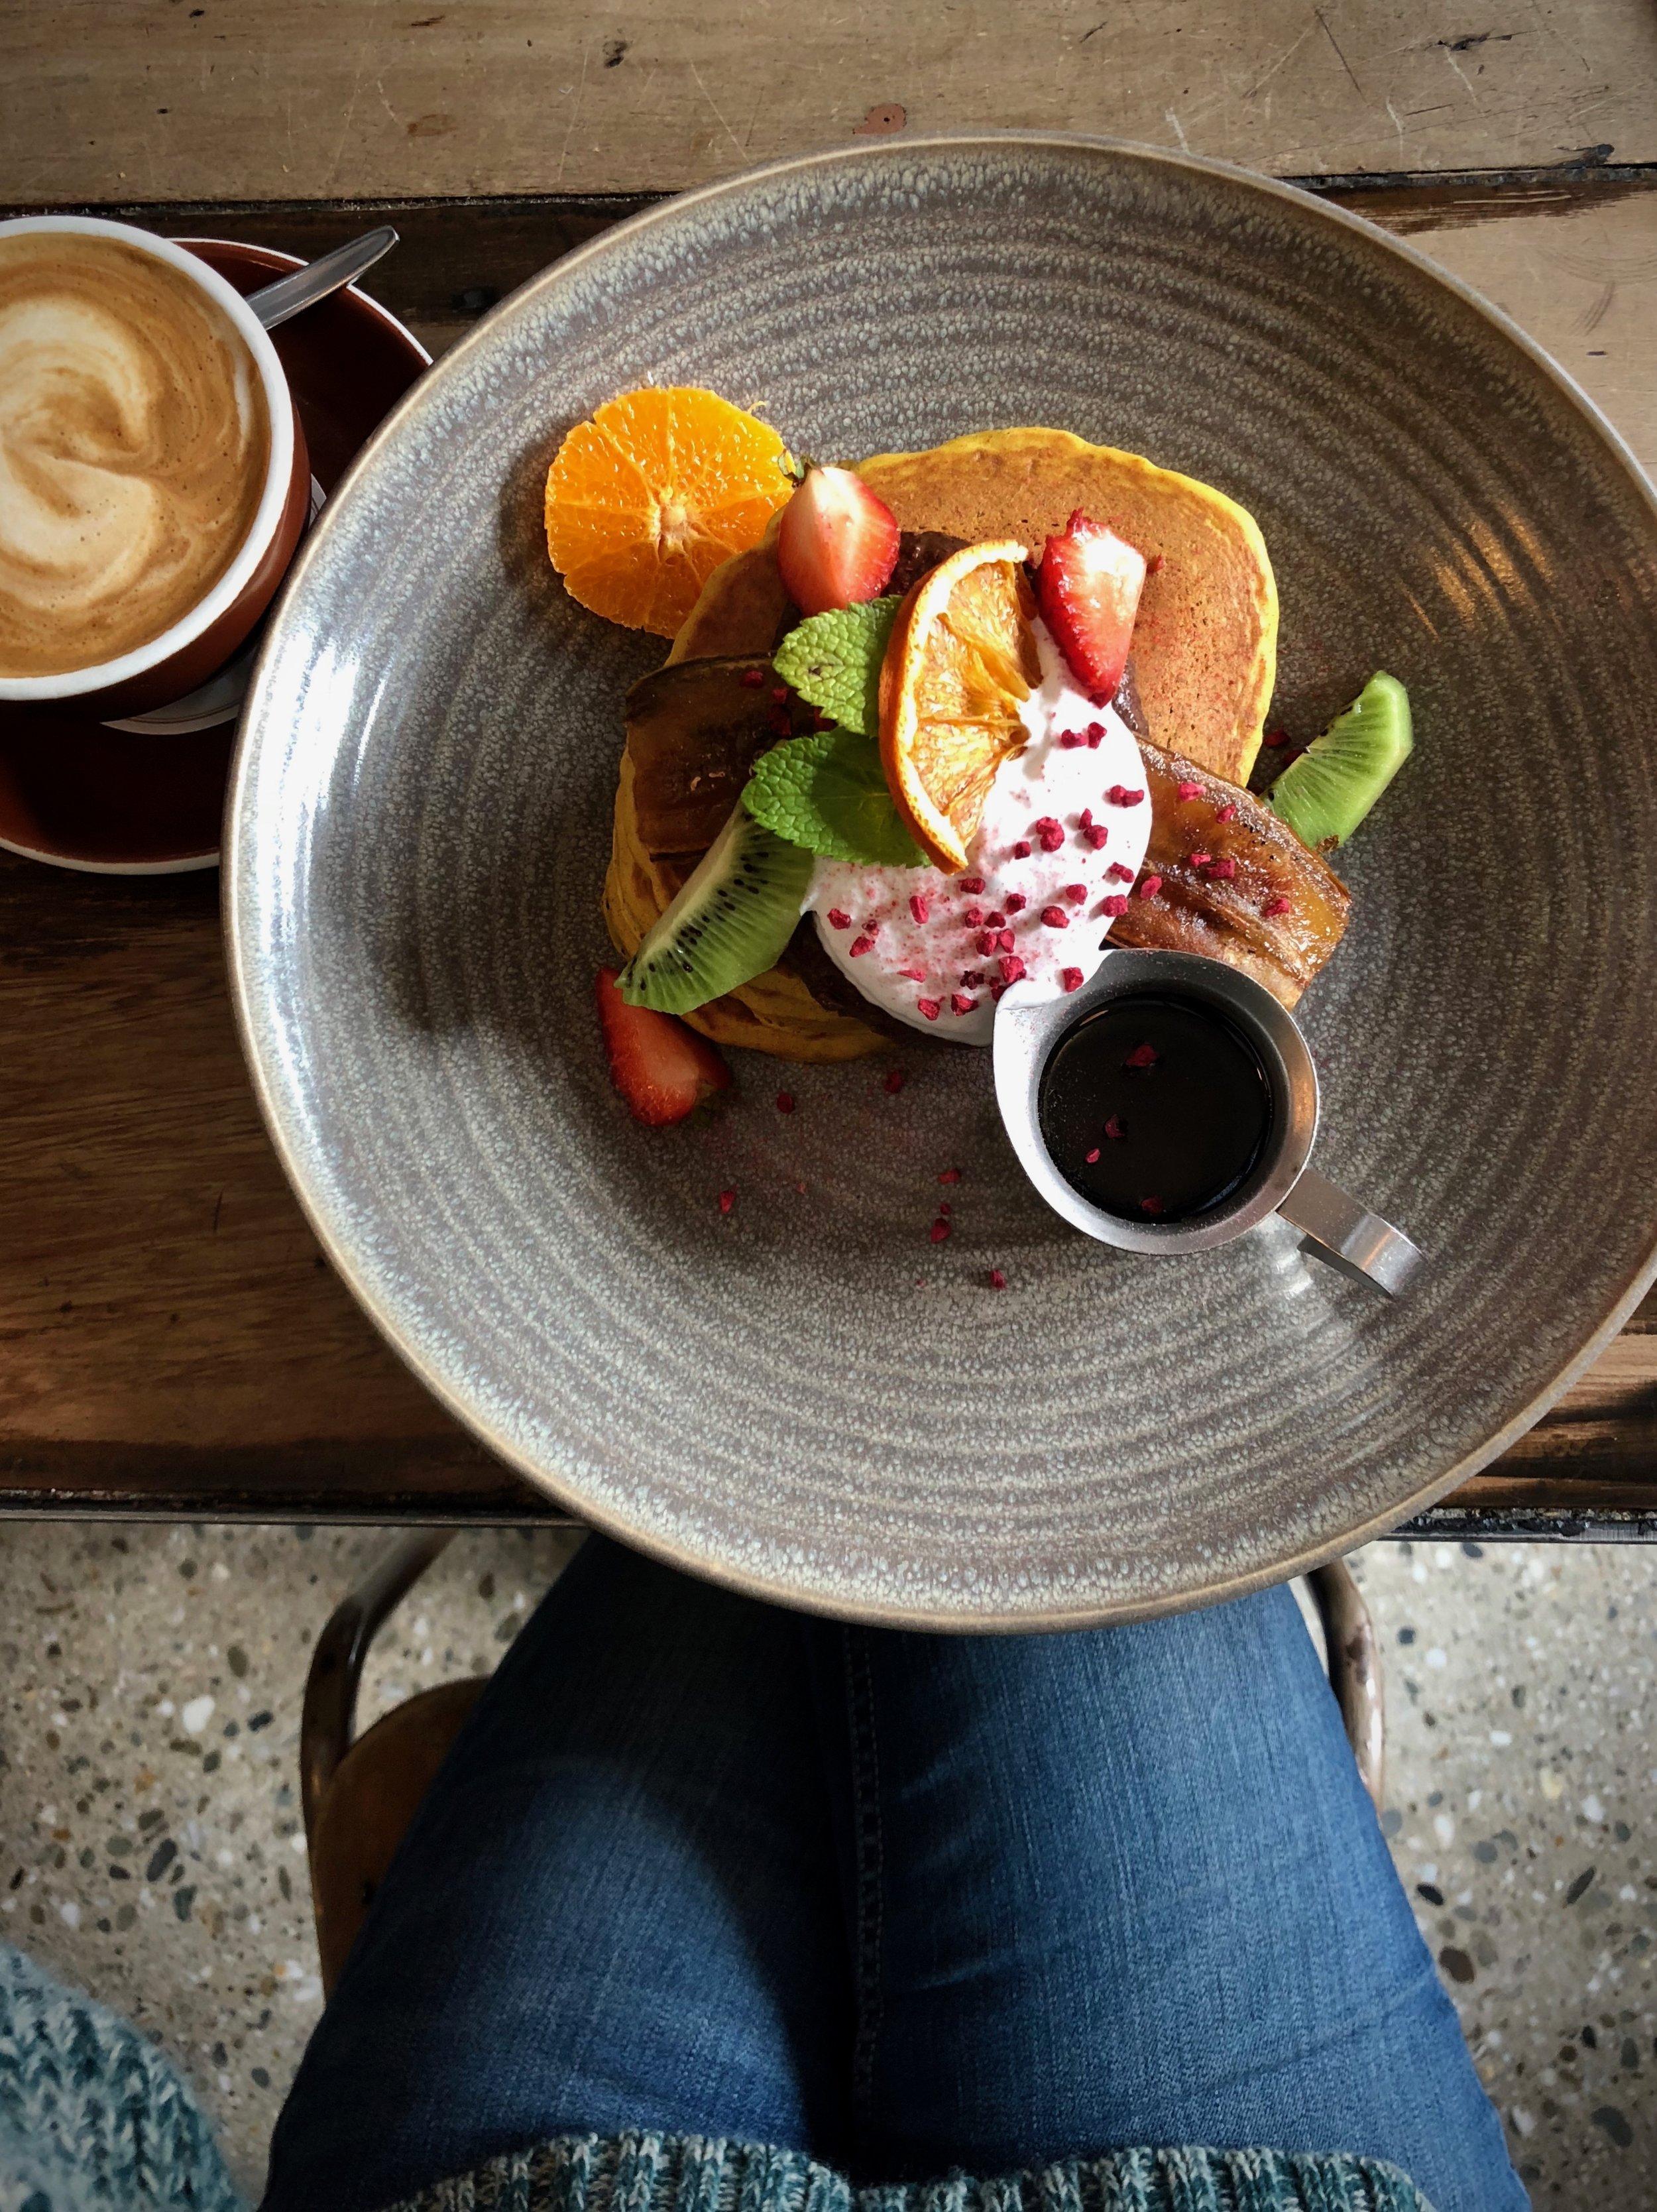 Cinnamon pancakes: one of the vegan breakfast options at Vudu Cafe in Queenstown.